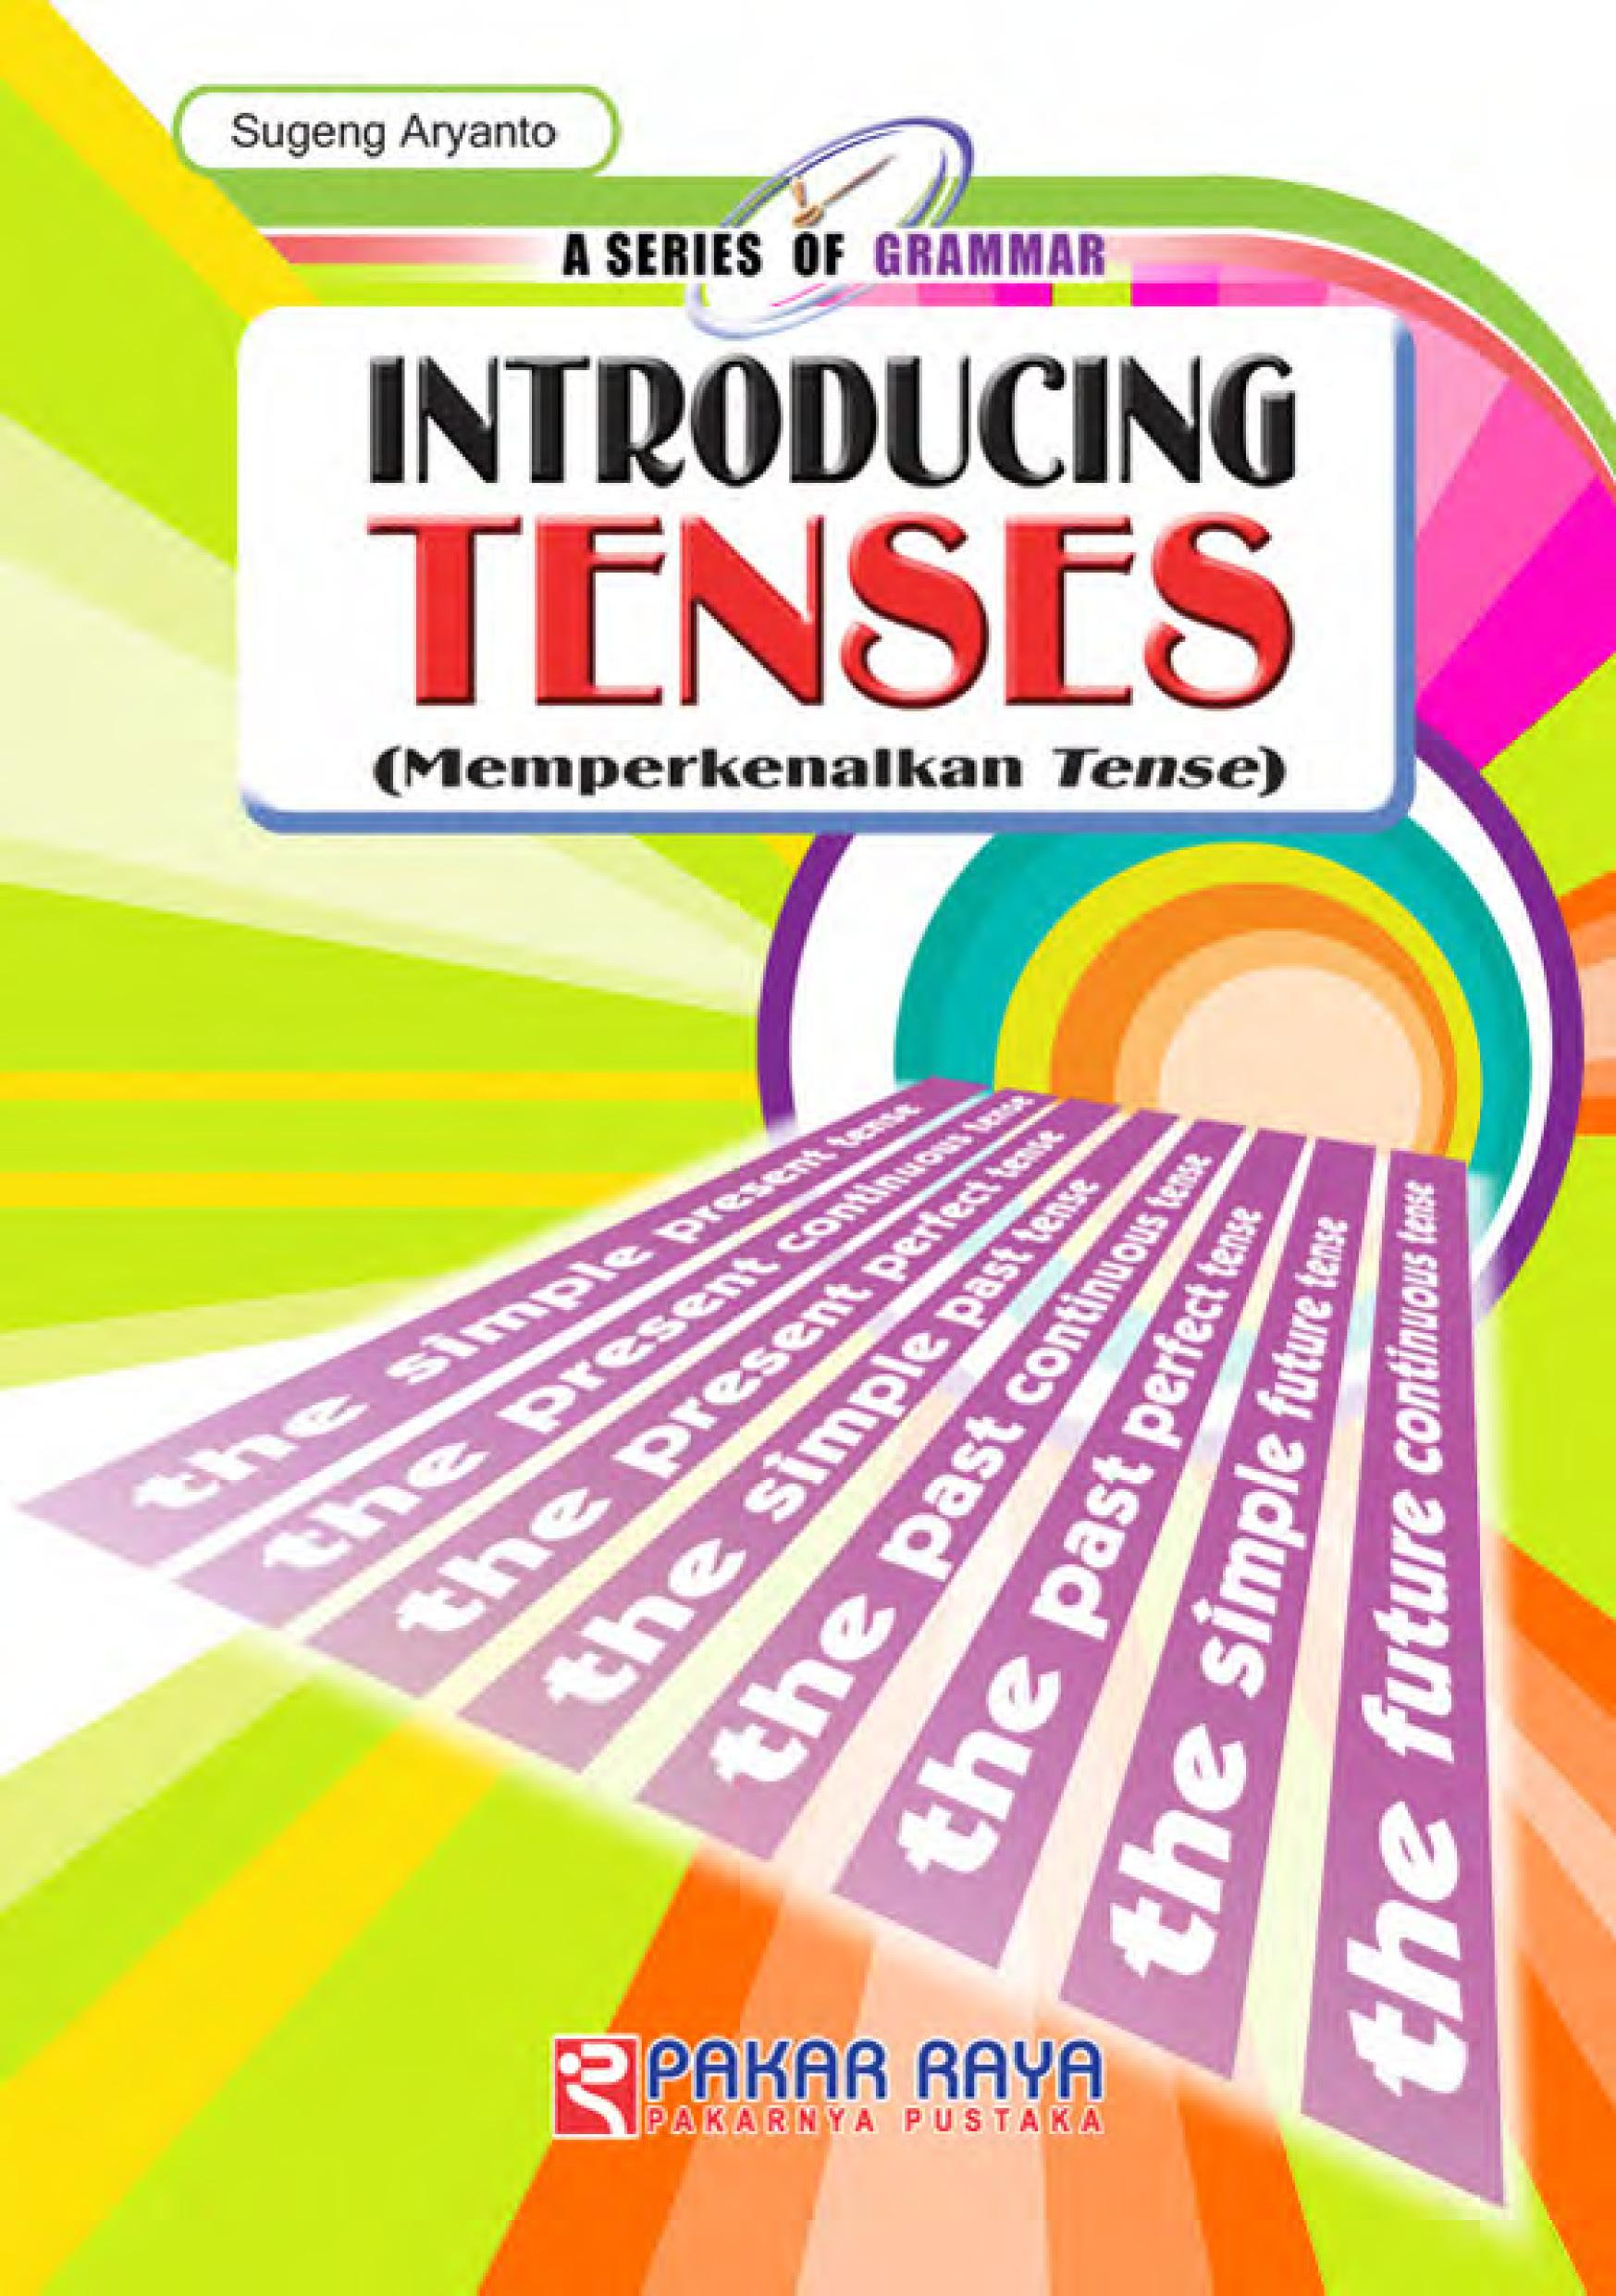 Introducing tenses (memperkenalkan tenses) [sumber elektronis]